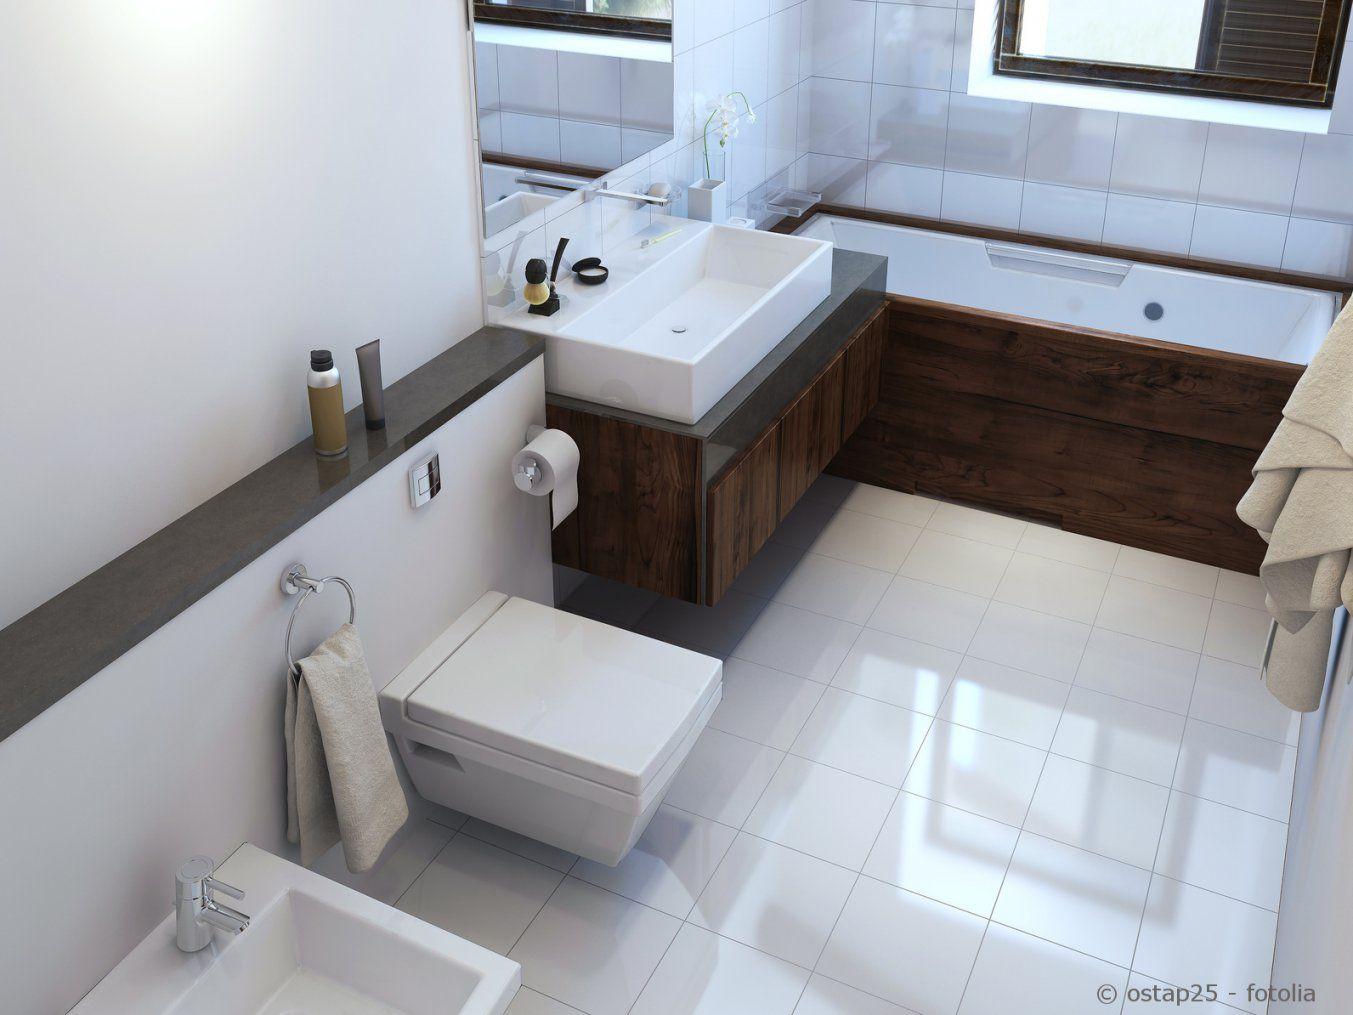 Kleine Bäder Optimal Nutzen  Sanitär & Heizungsbau von Kleines Bad Optisch Vergrößern Bild